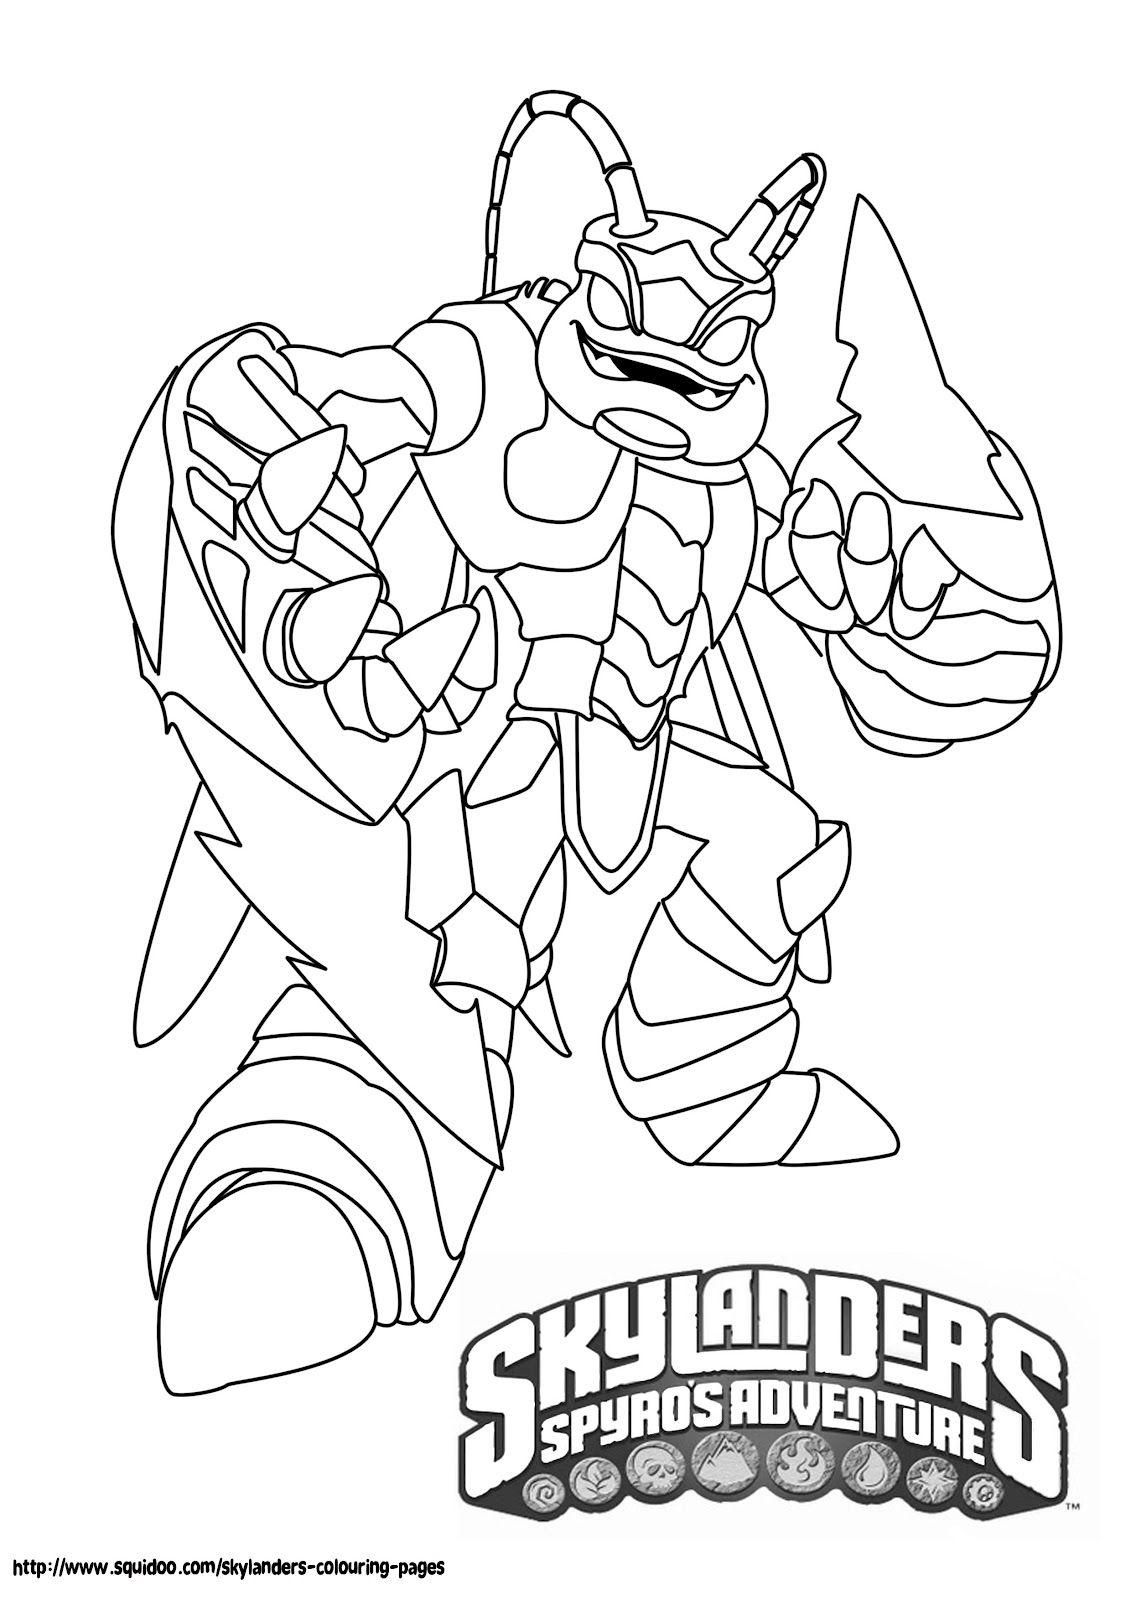 Skylanders+swarm+coloring+pages.jpg 1,131×1,600 pixels | Slylander ...